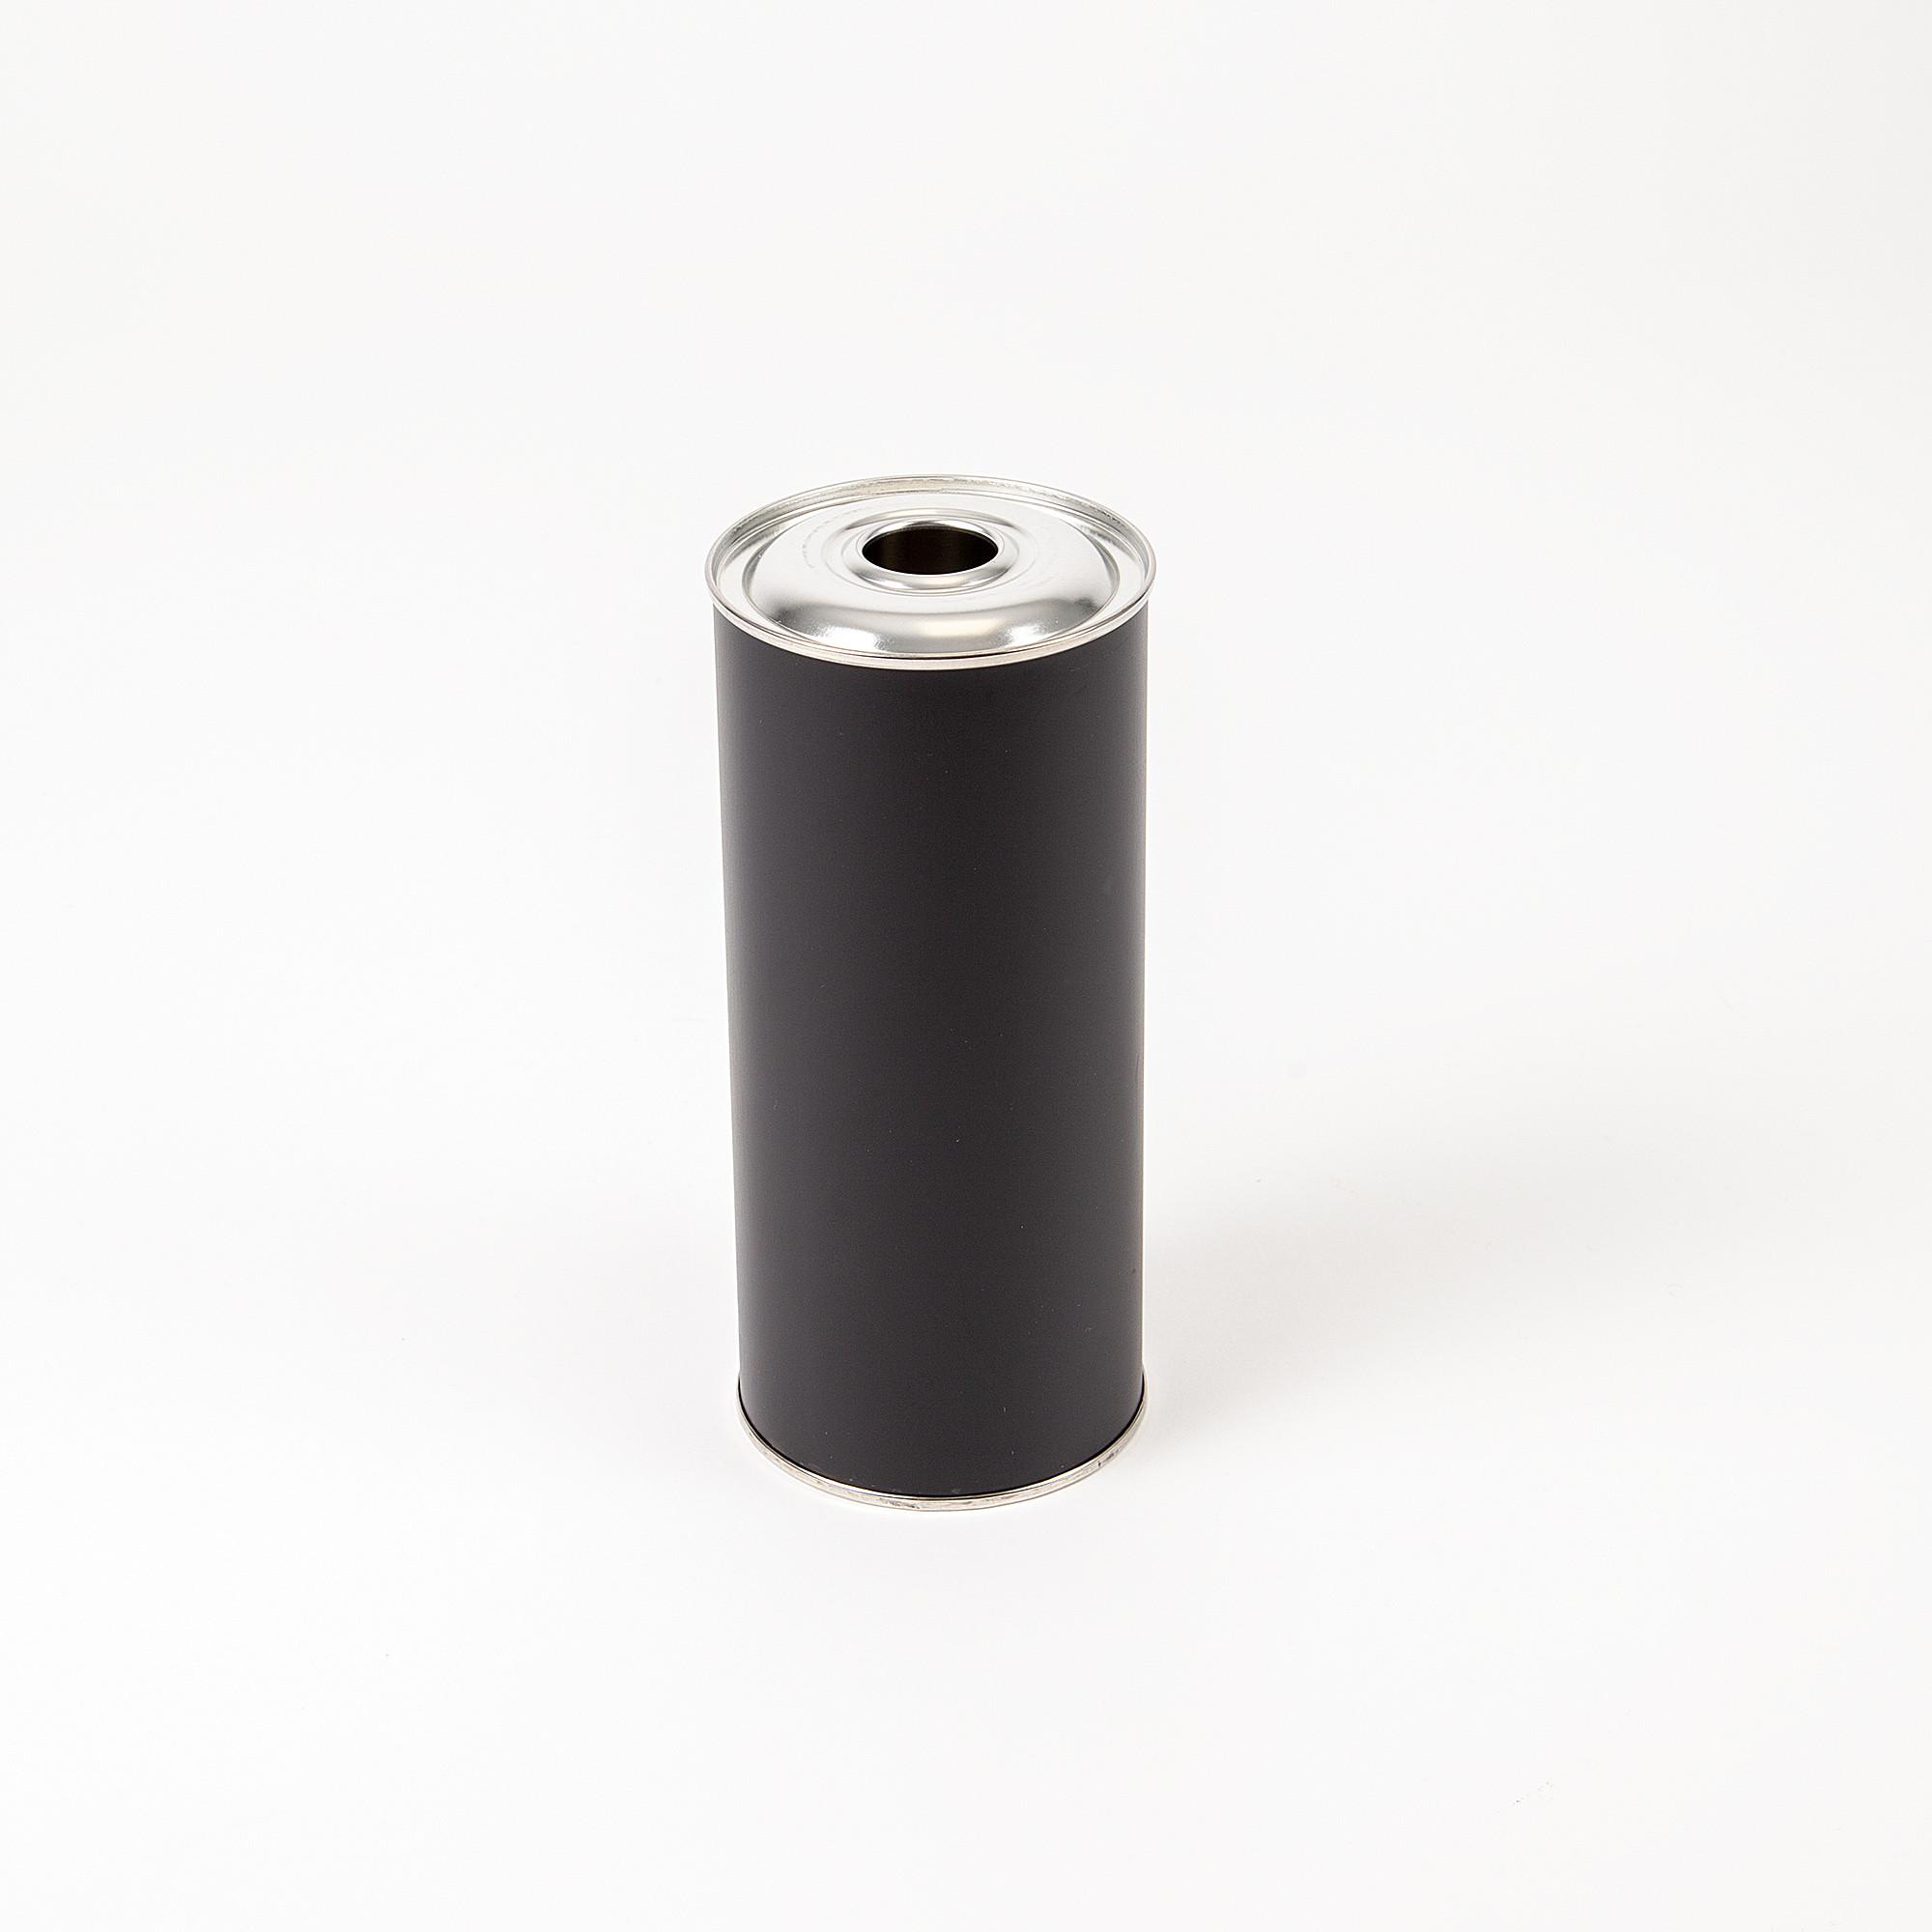 Flachflasche 750ml schwarz